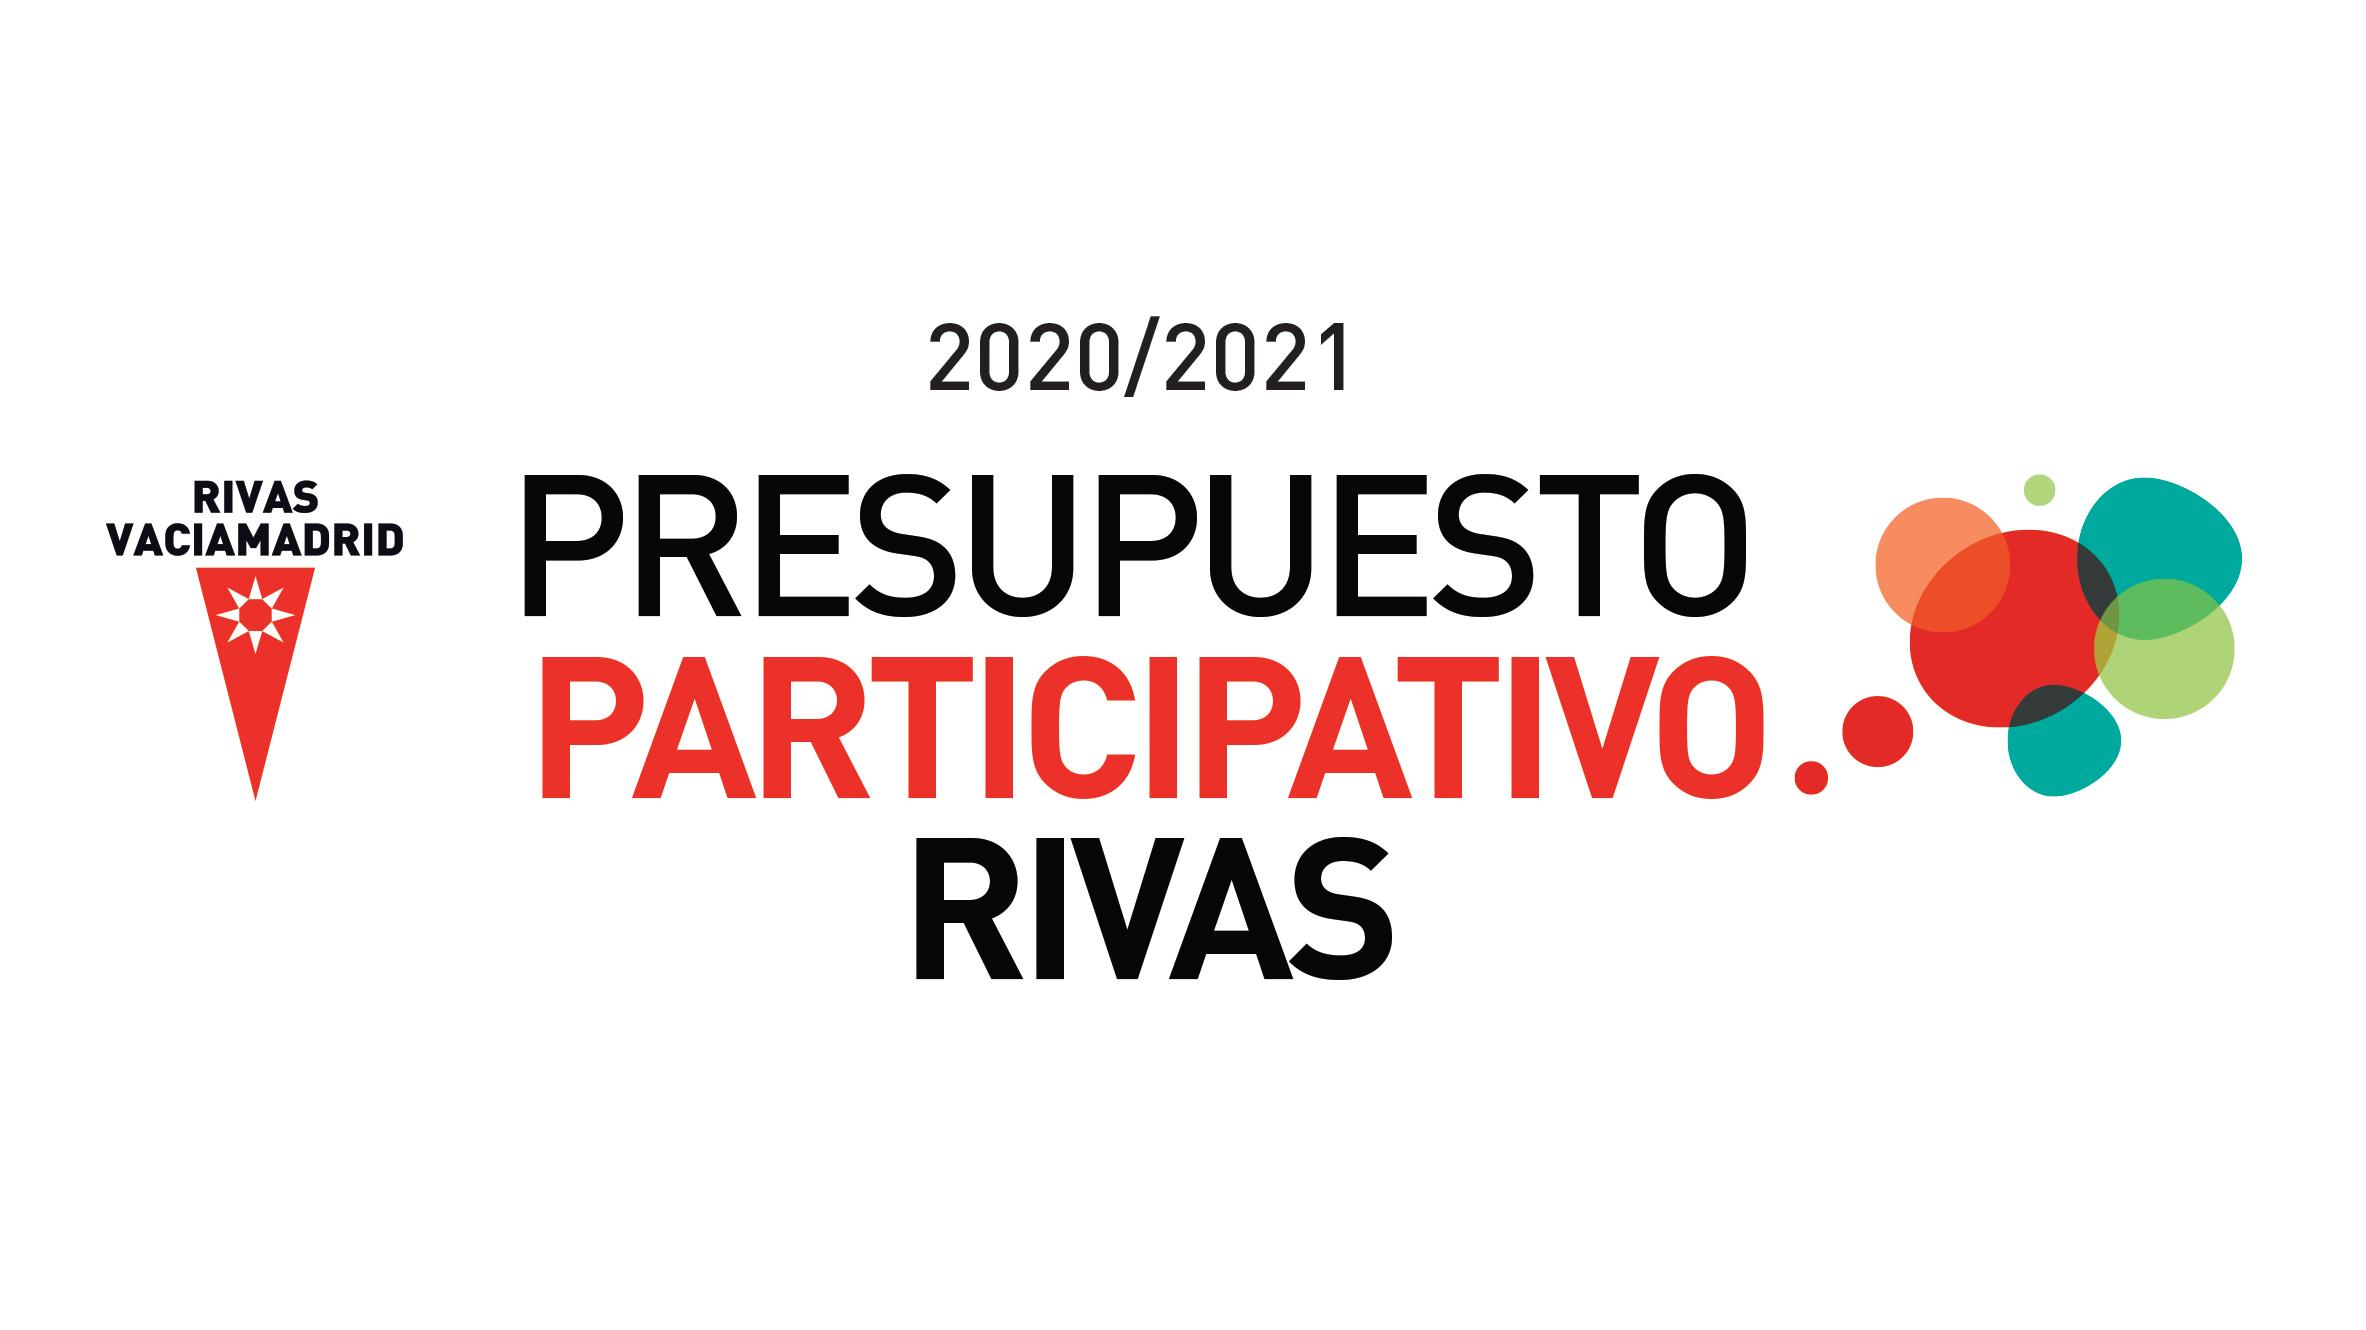 Encuesta Presupuesto Participativo 2020/21